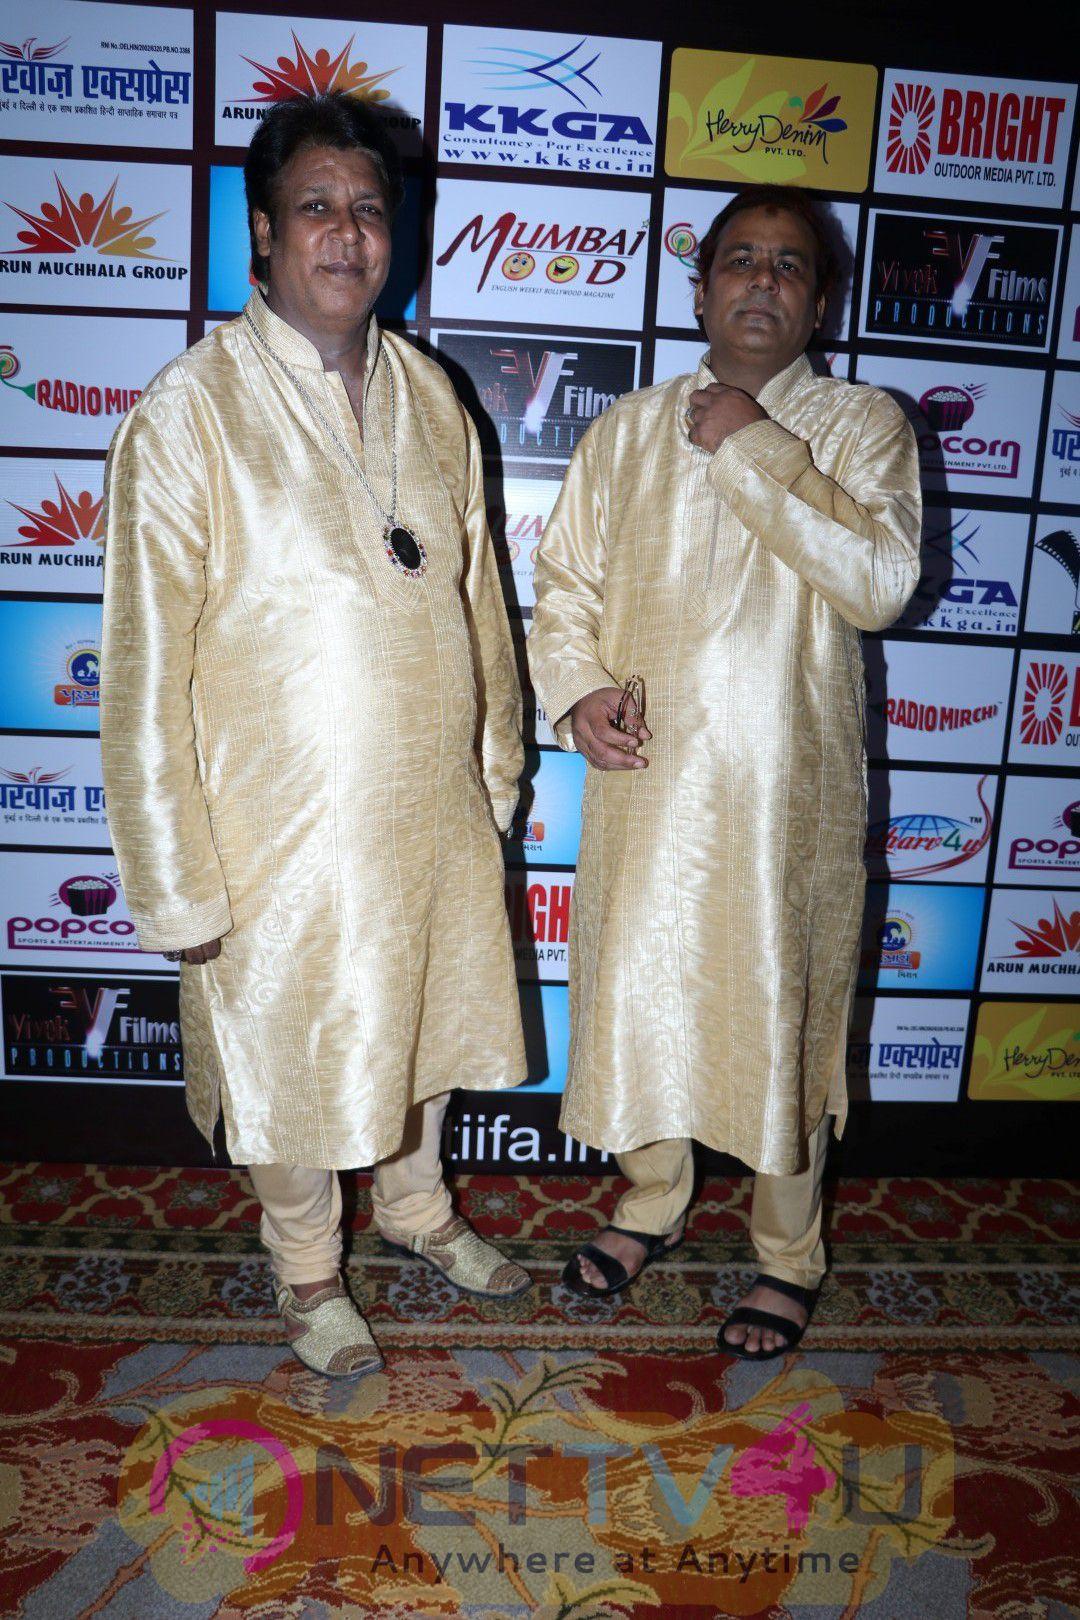 Announcement Of A Unique Annual Award Show TIIFA Delightful Stills Hindi Gallery